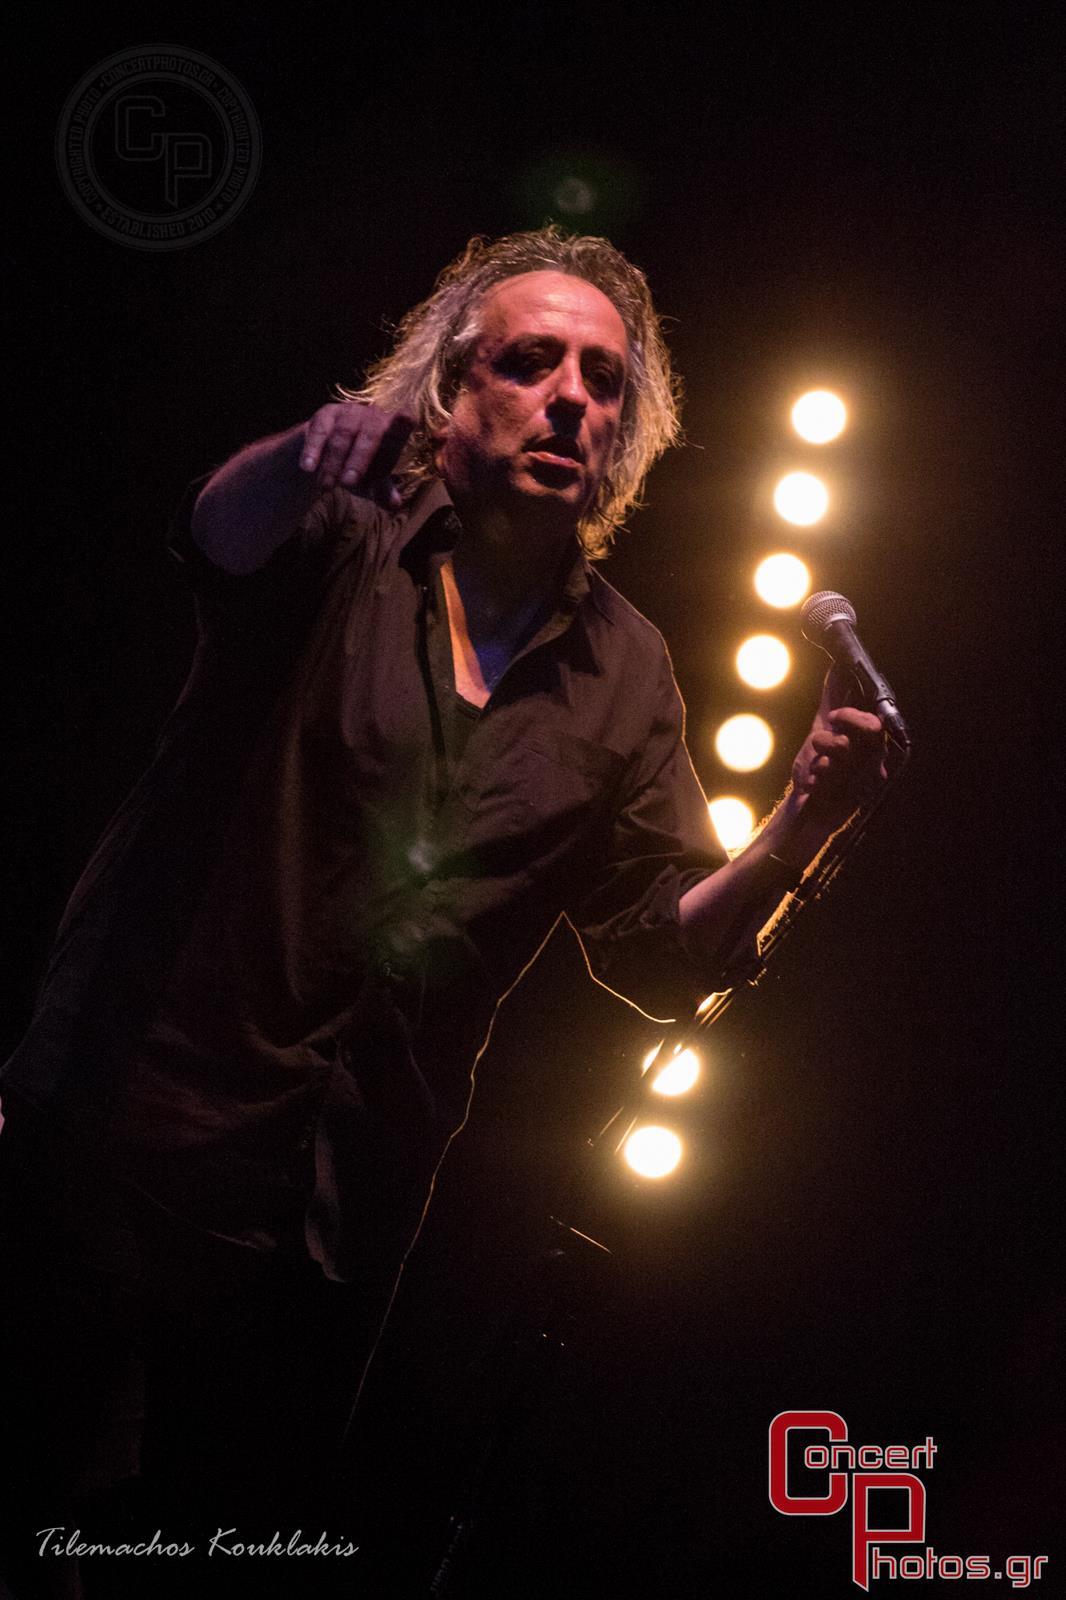 Γιάννης Αγγελάκας - Σύννεφα με Παντελόνια-Aggelakas-2 photographer:  - concertphotos_-1405153161